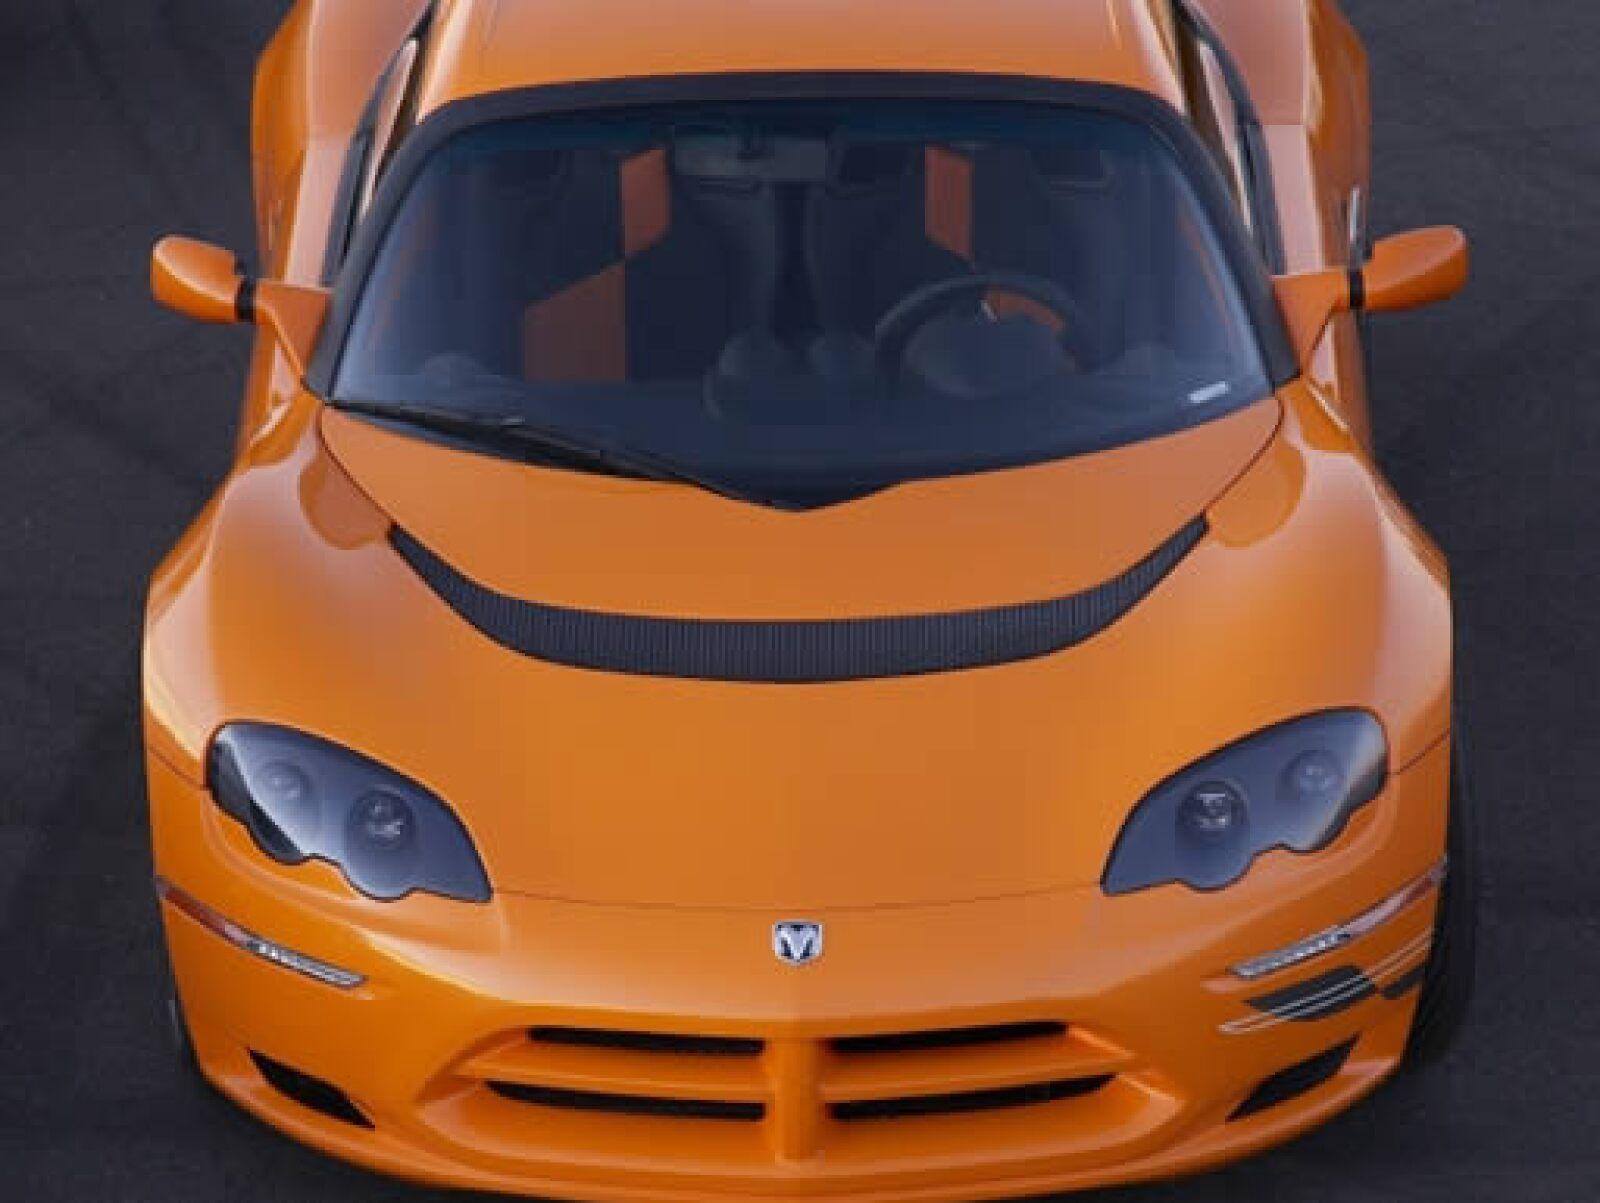 Chrysler presentó una nueva familia de prototipos de autos eléctricos bajo el concepto EV, entre ellos una versión del Dodge Circuit en color mandarina.